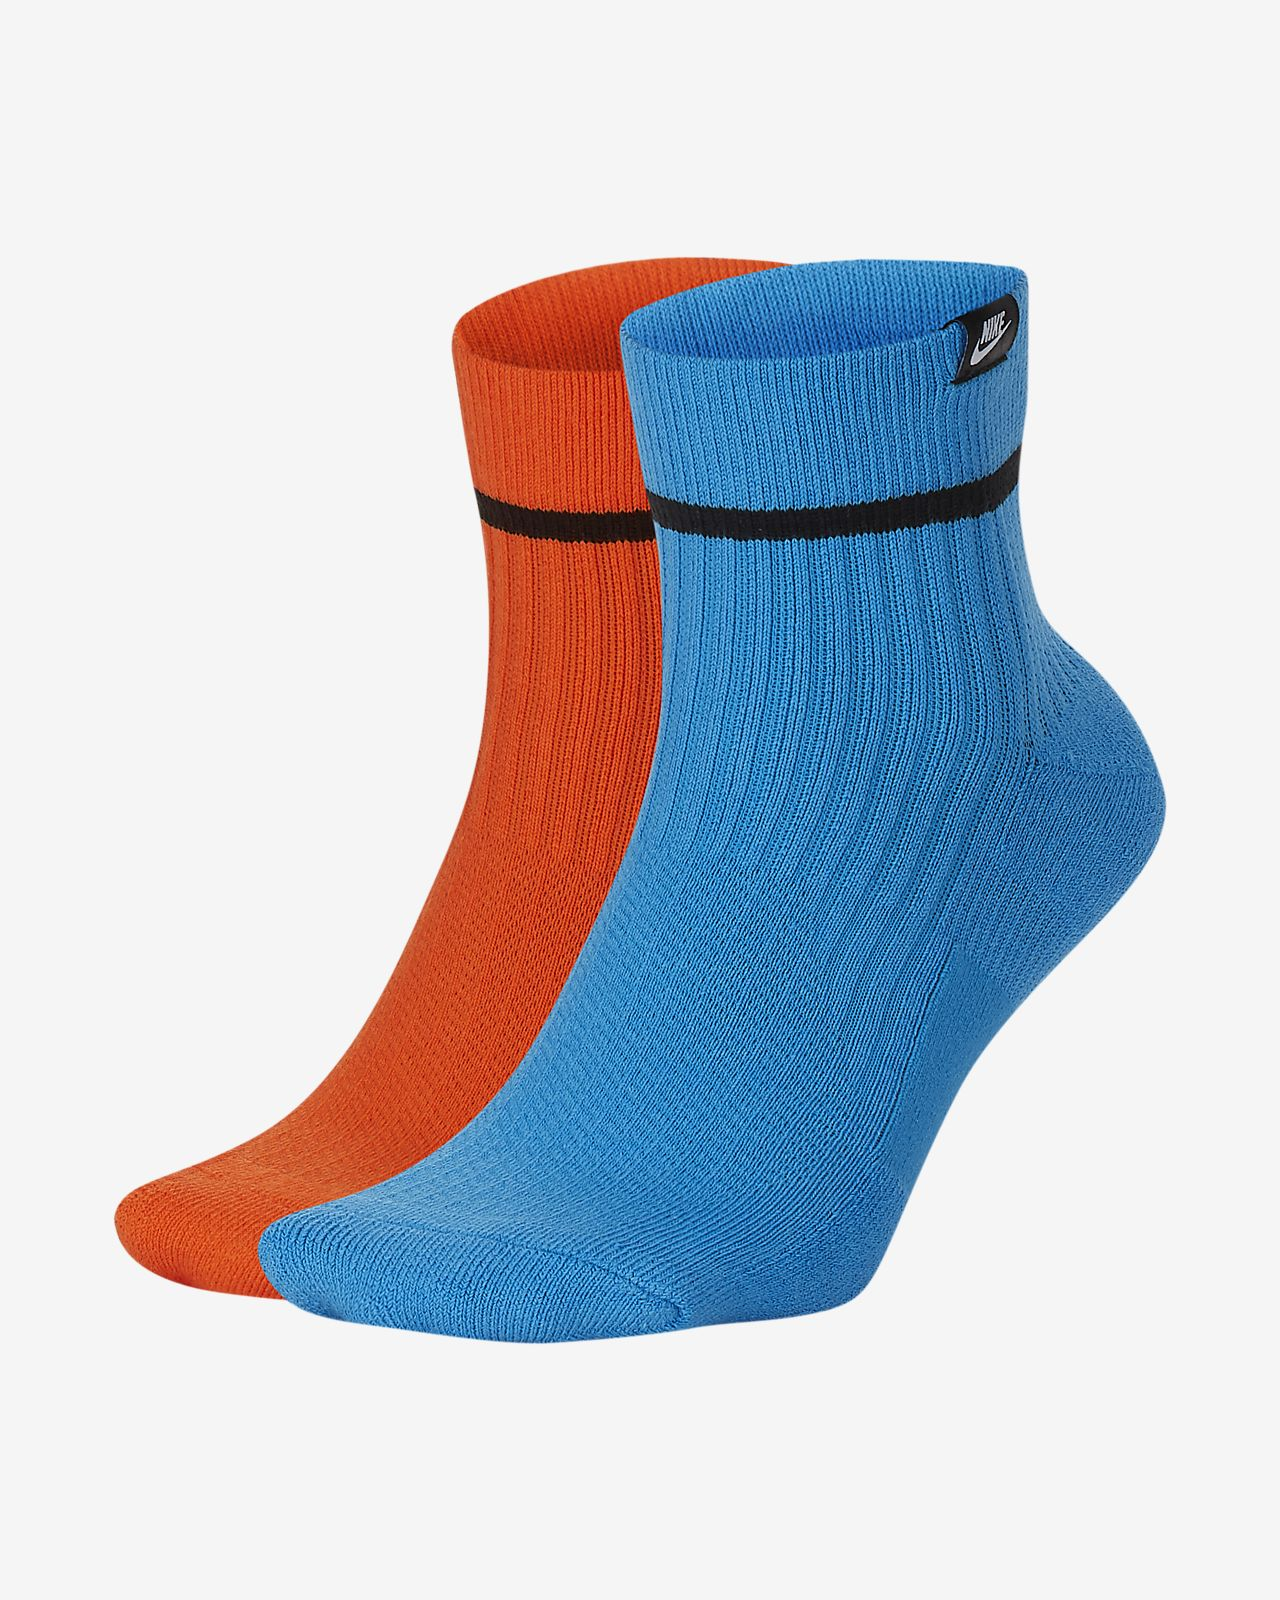 Nike SNKR Sox Bilek Çorapları (2 Çift)